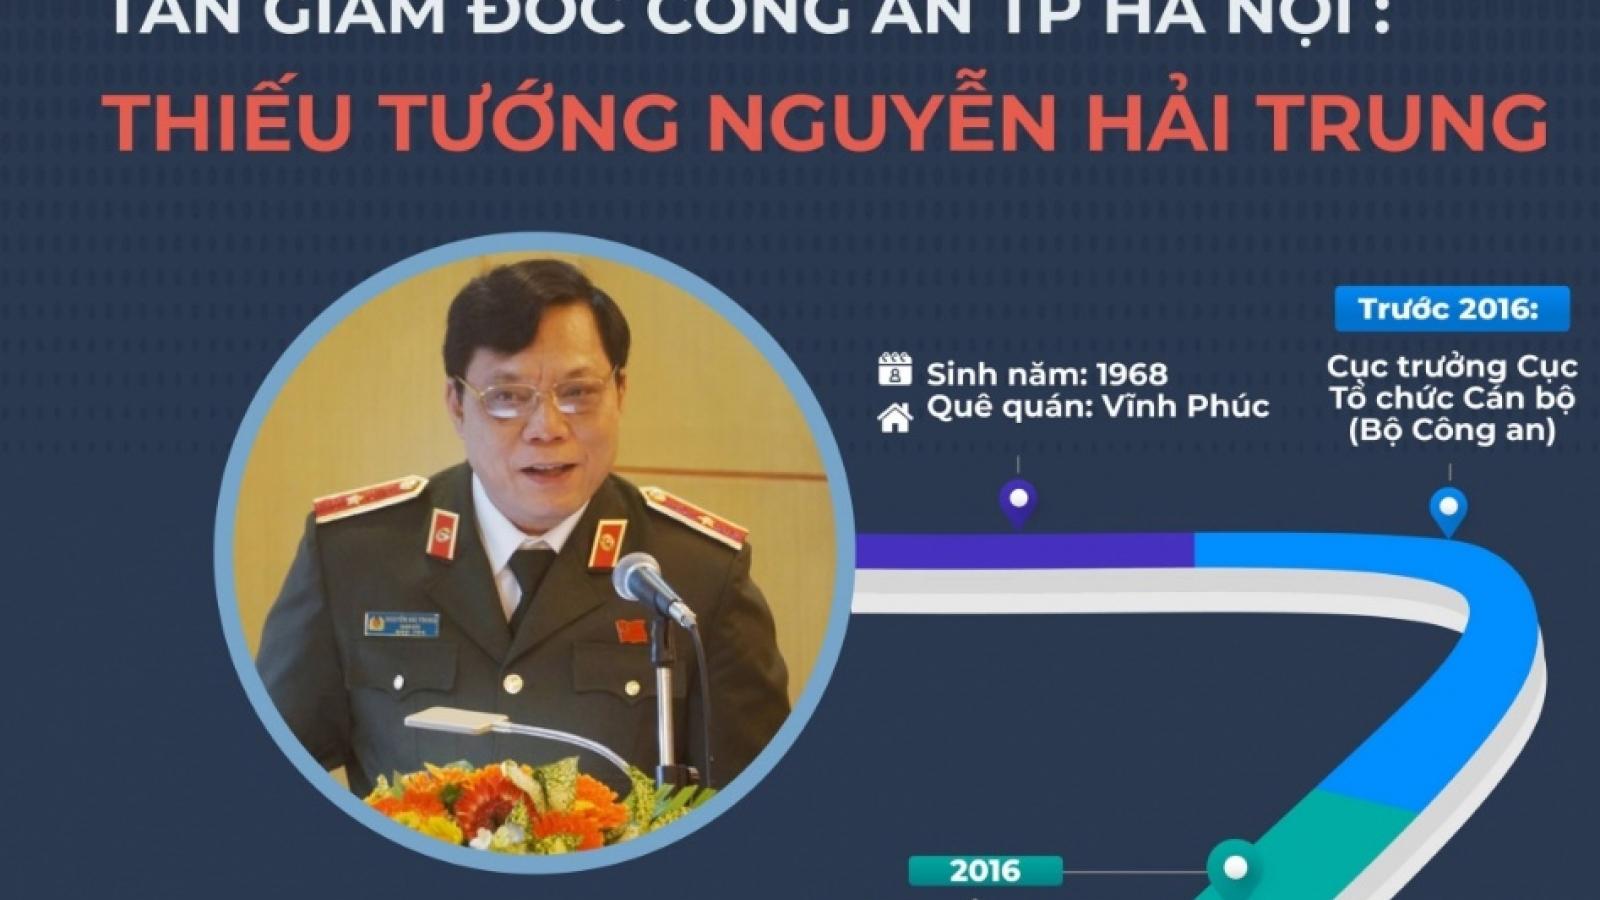 Infographics: Chân dung tân Giám đốc Công an TP Hà Nội Nguyễn Hải Trung